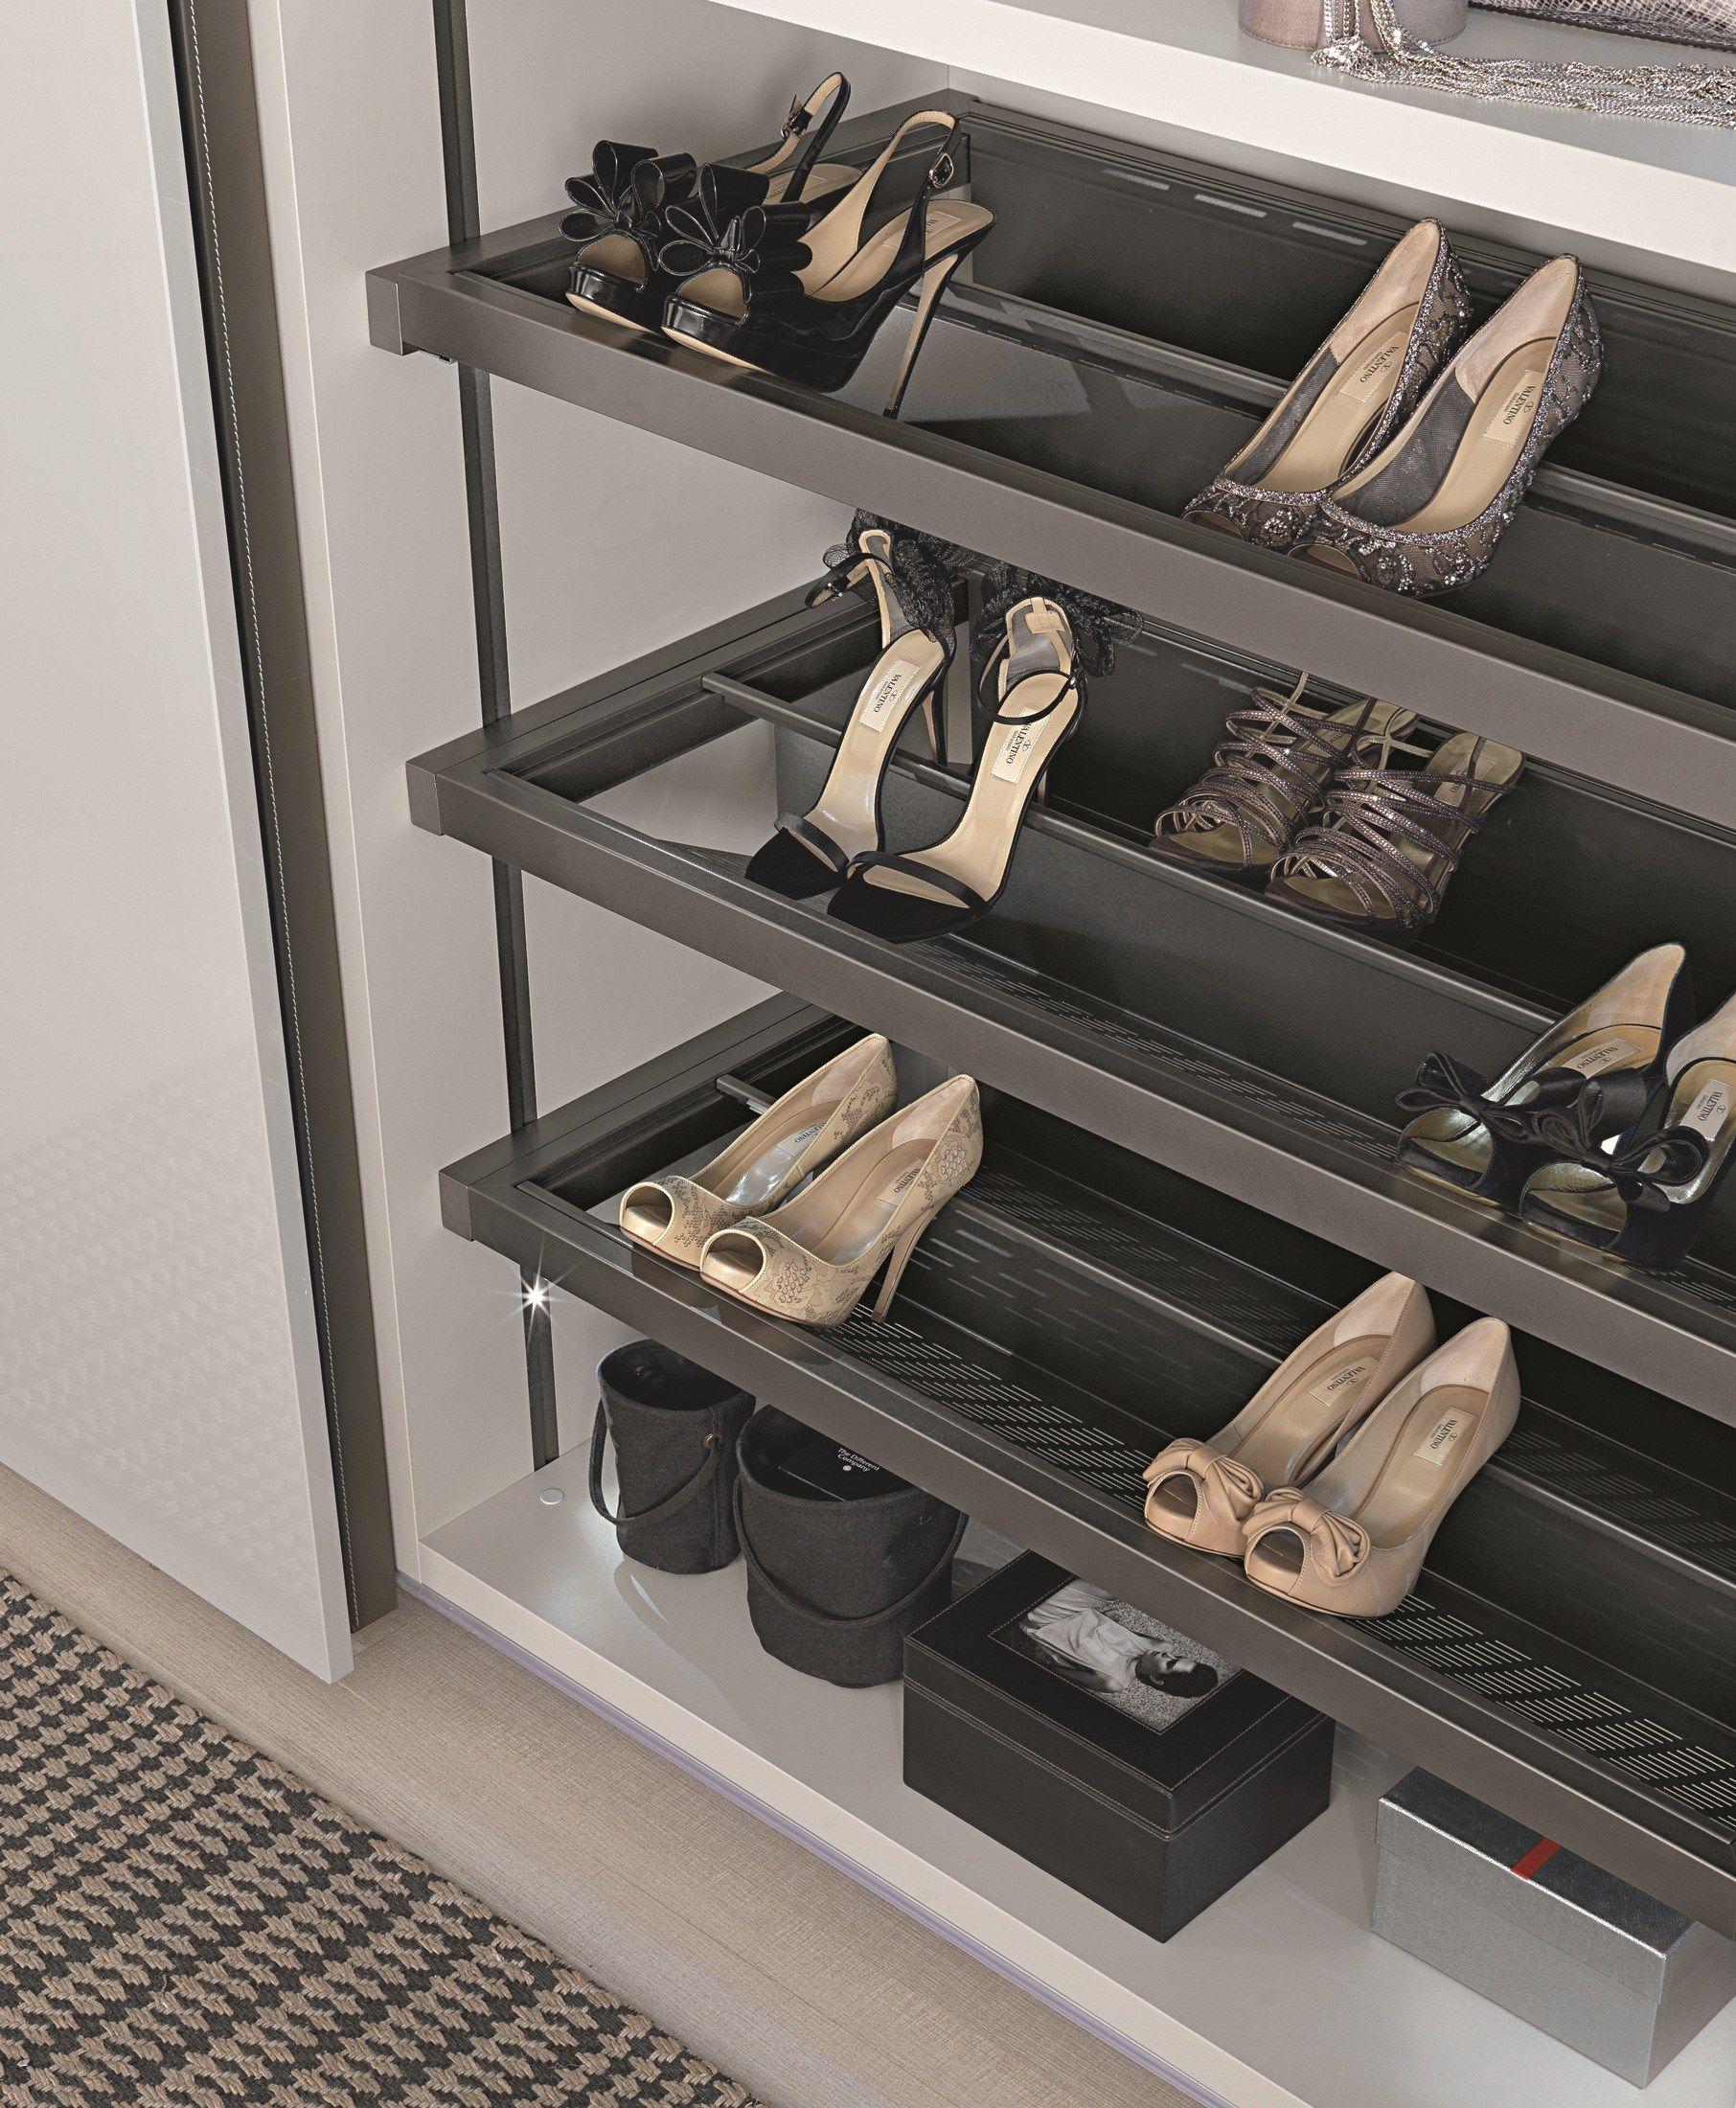 #756456 Armoire En Bois à Portes Coulissantes Sur Mesure REVERS By  1161 armoires portes coulissantes sur mesure 1812x2200 px @ aertt.com